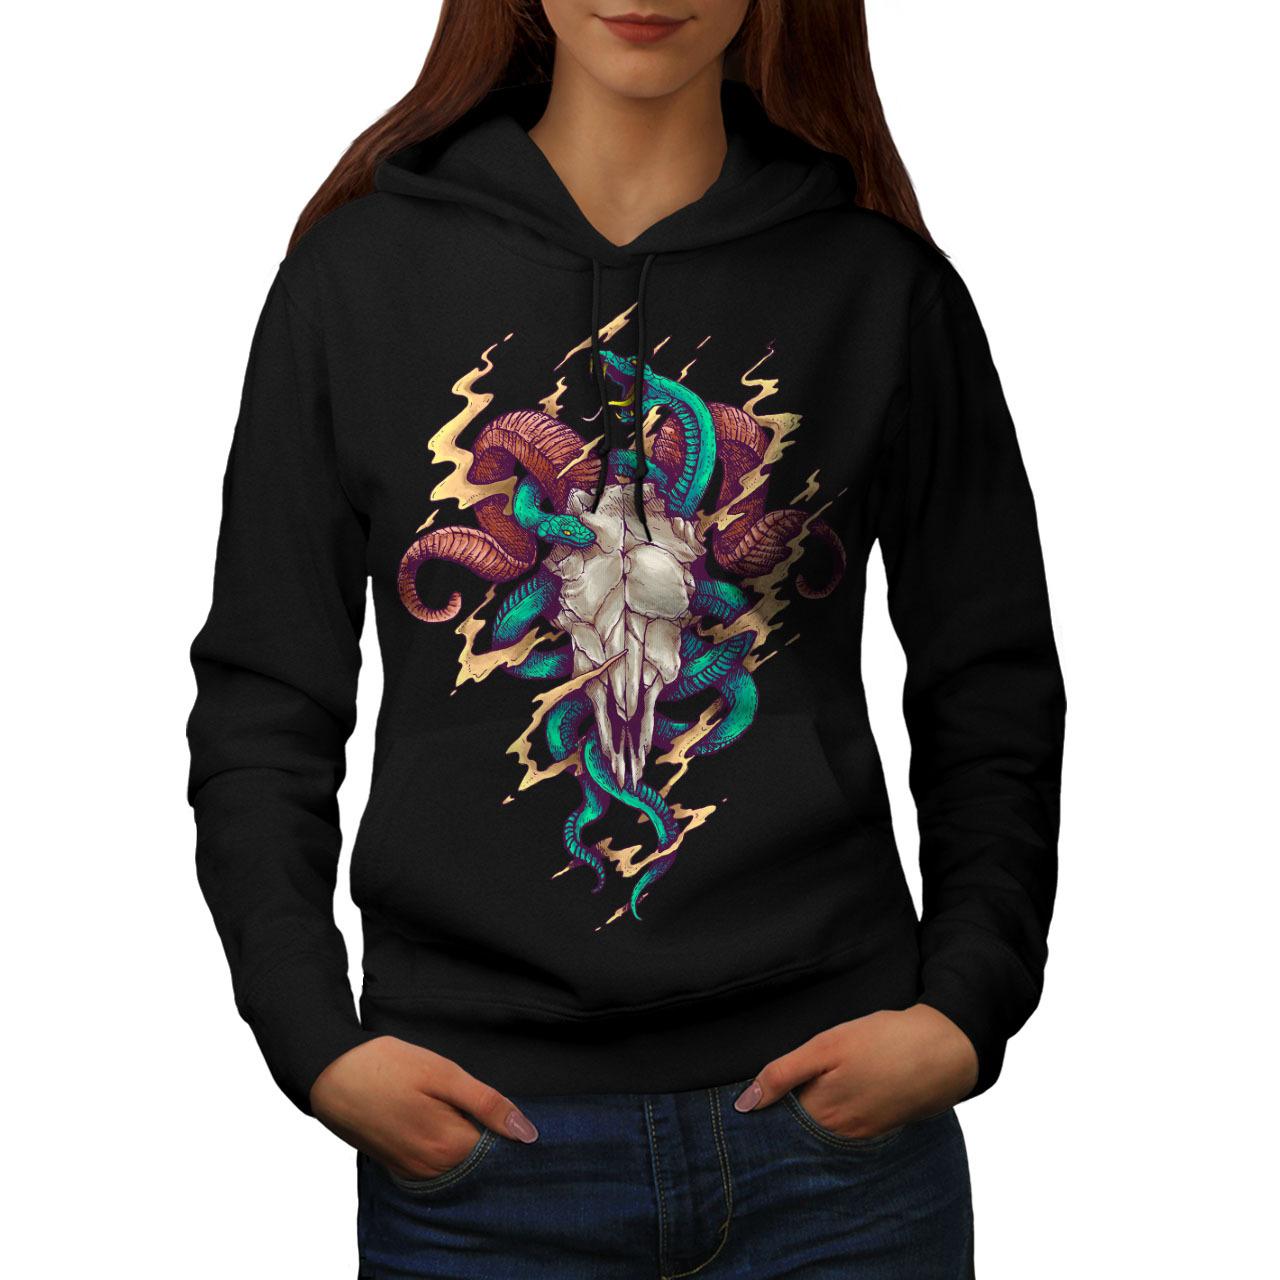 Satan Skull Punk Horror Sweatshirt Hoody  Women Hoodie - $21.99 - $22.99